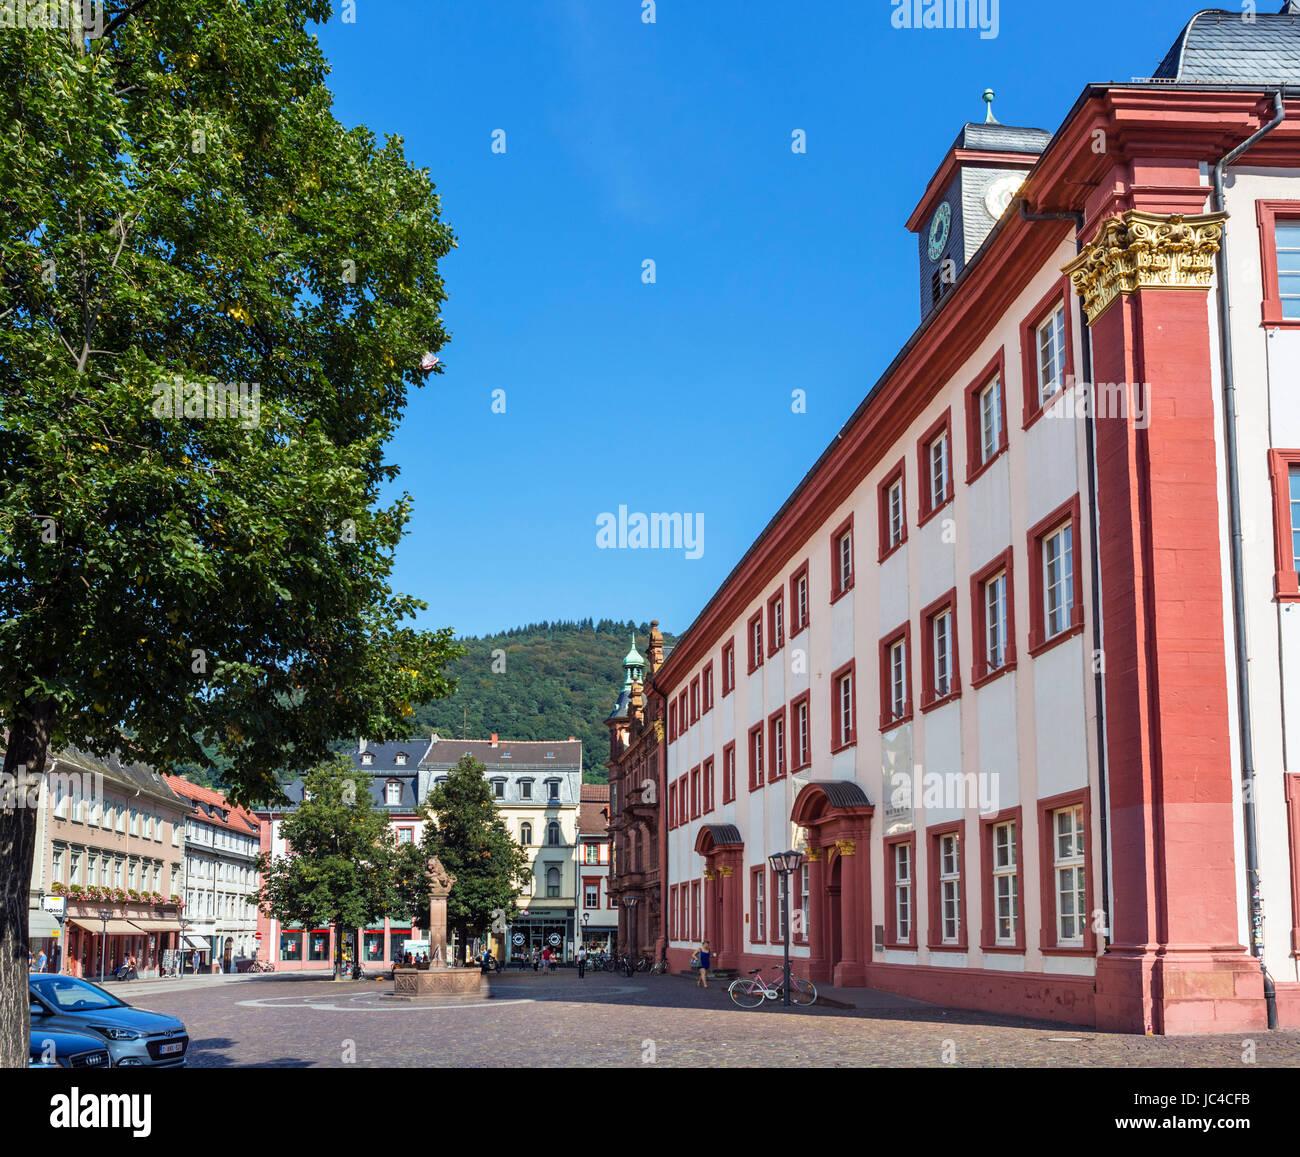 Heidelberg University (Ruprecht-Karls-Universität Heidelberg). The old University building on Universitätsplatz, - Stock Image